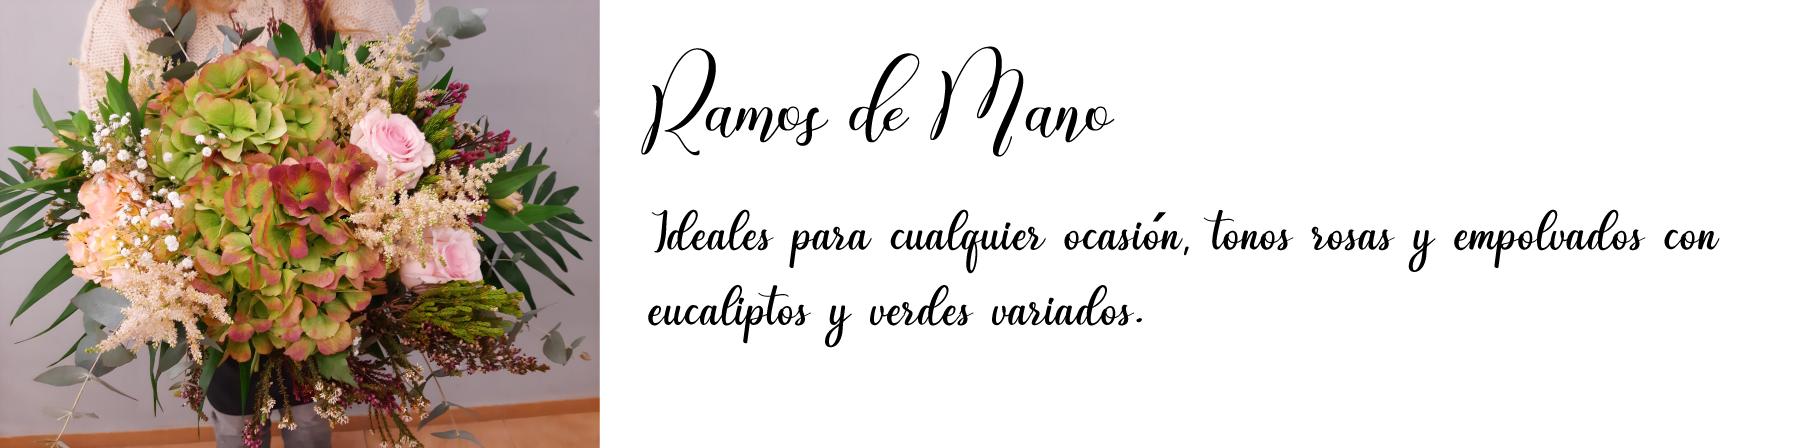 Ramos de Mano